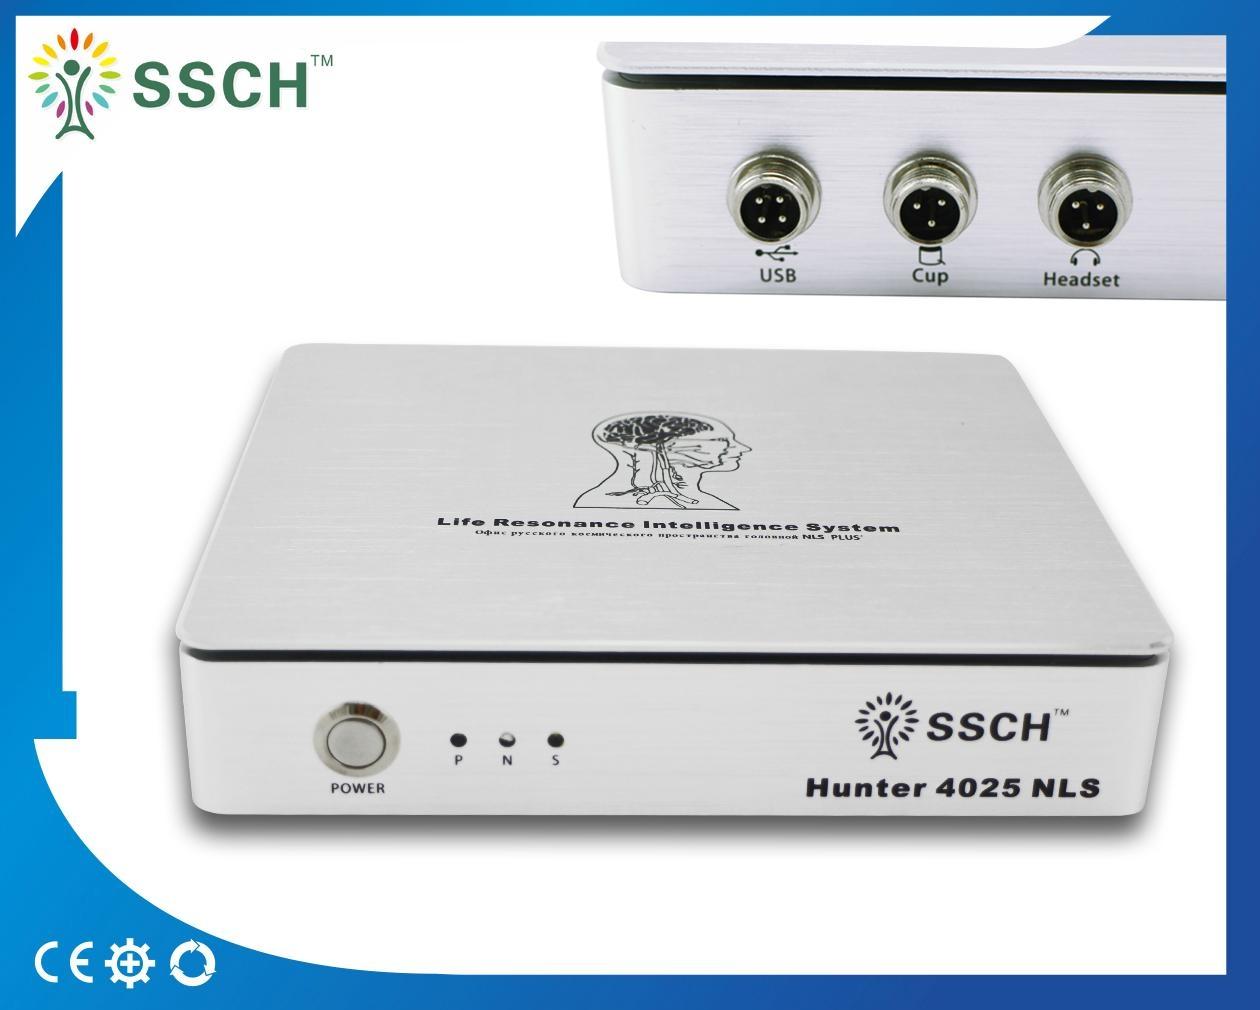 高精度NLS Metranon4025亨特临床医疗设备的智能自动全身健康设备 4